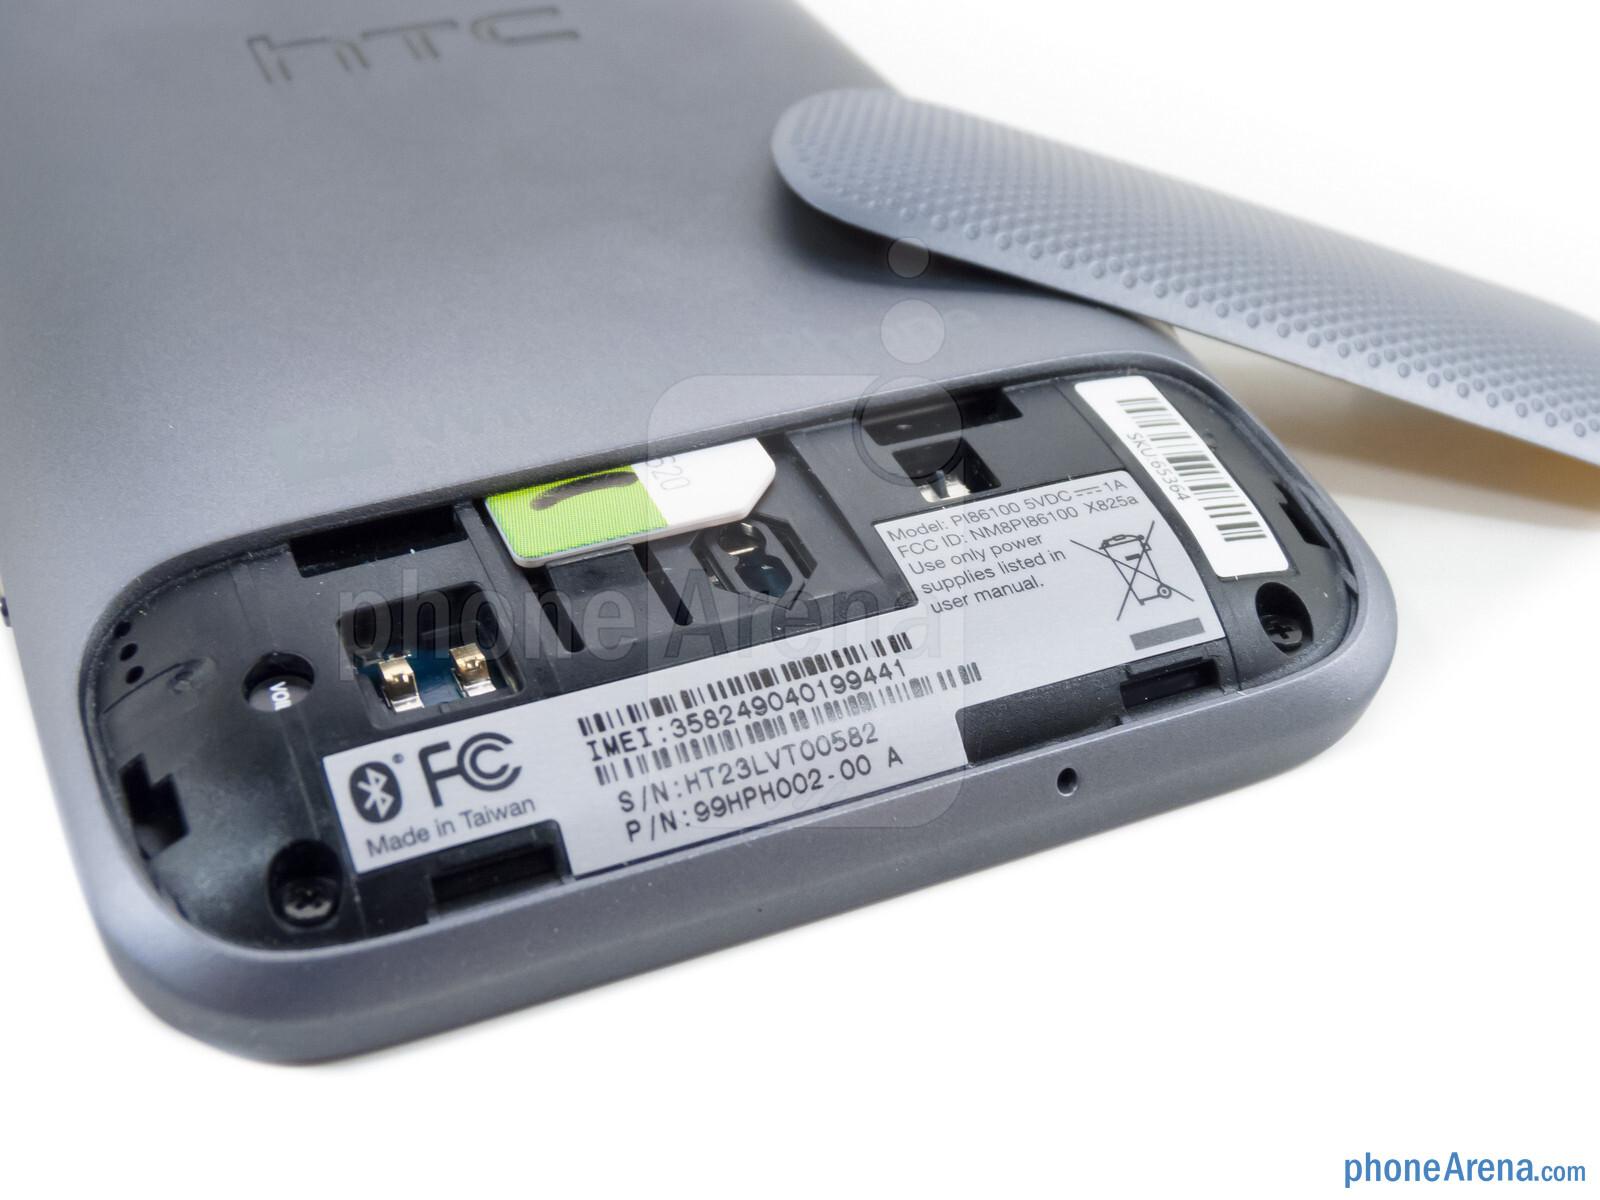 htc titan ii review rh phonearena com HTC Titan 2 Phone HTC Titan II Specs